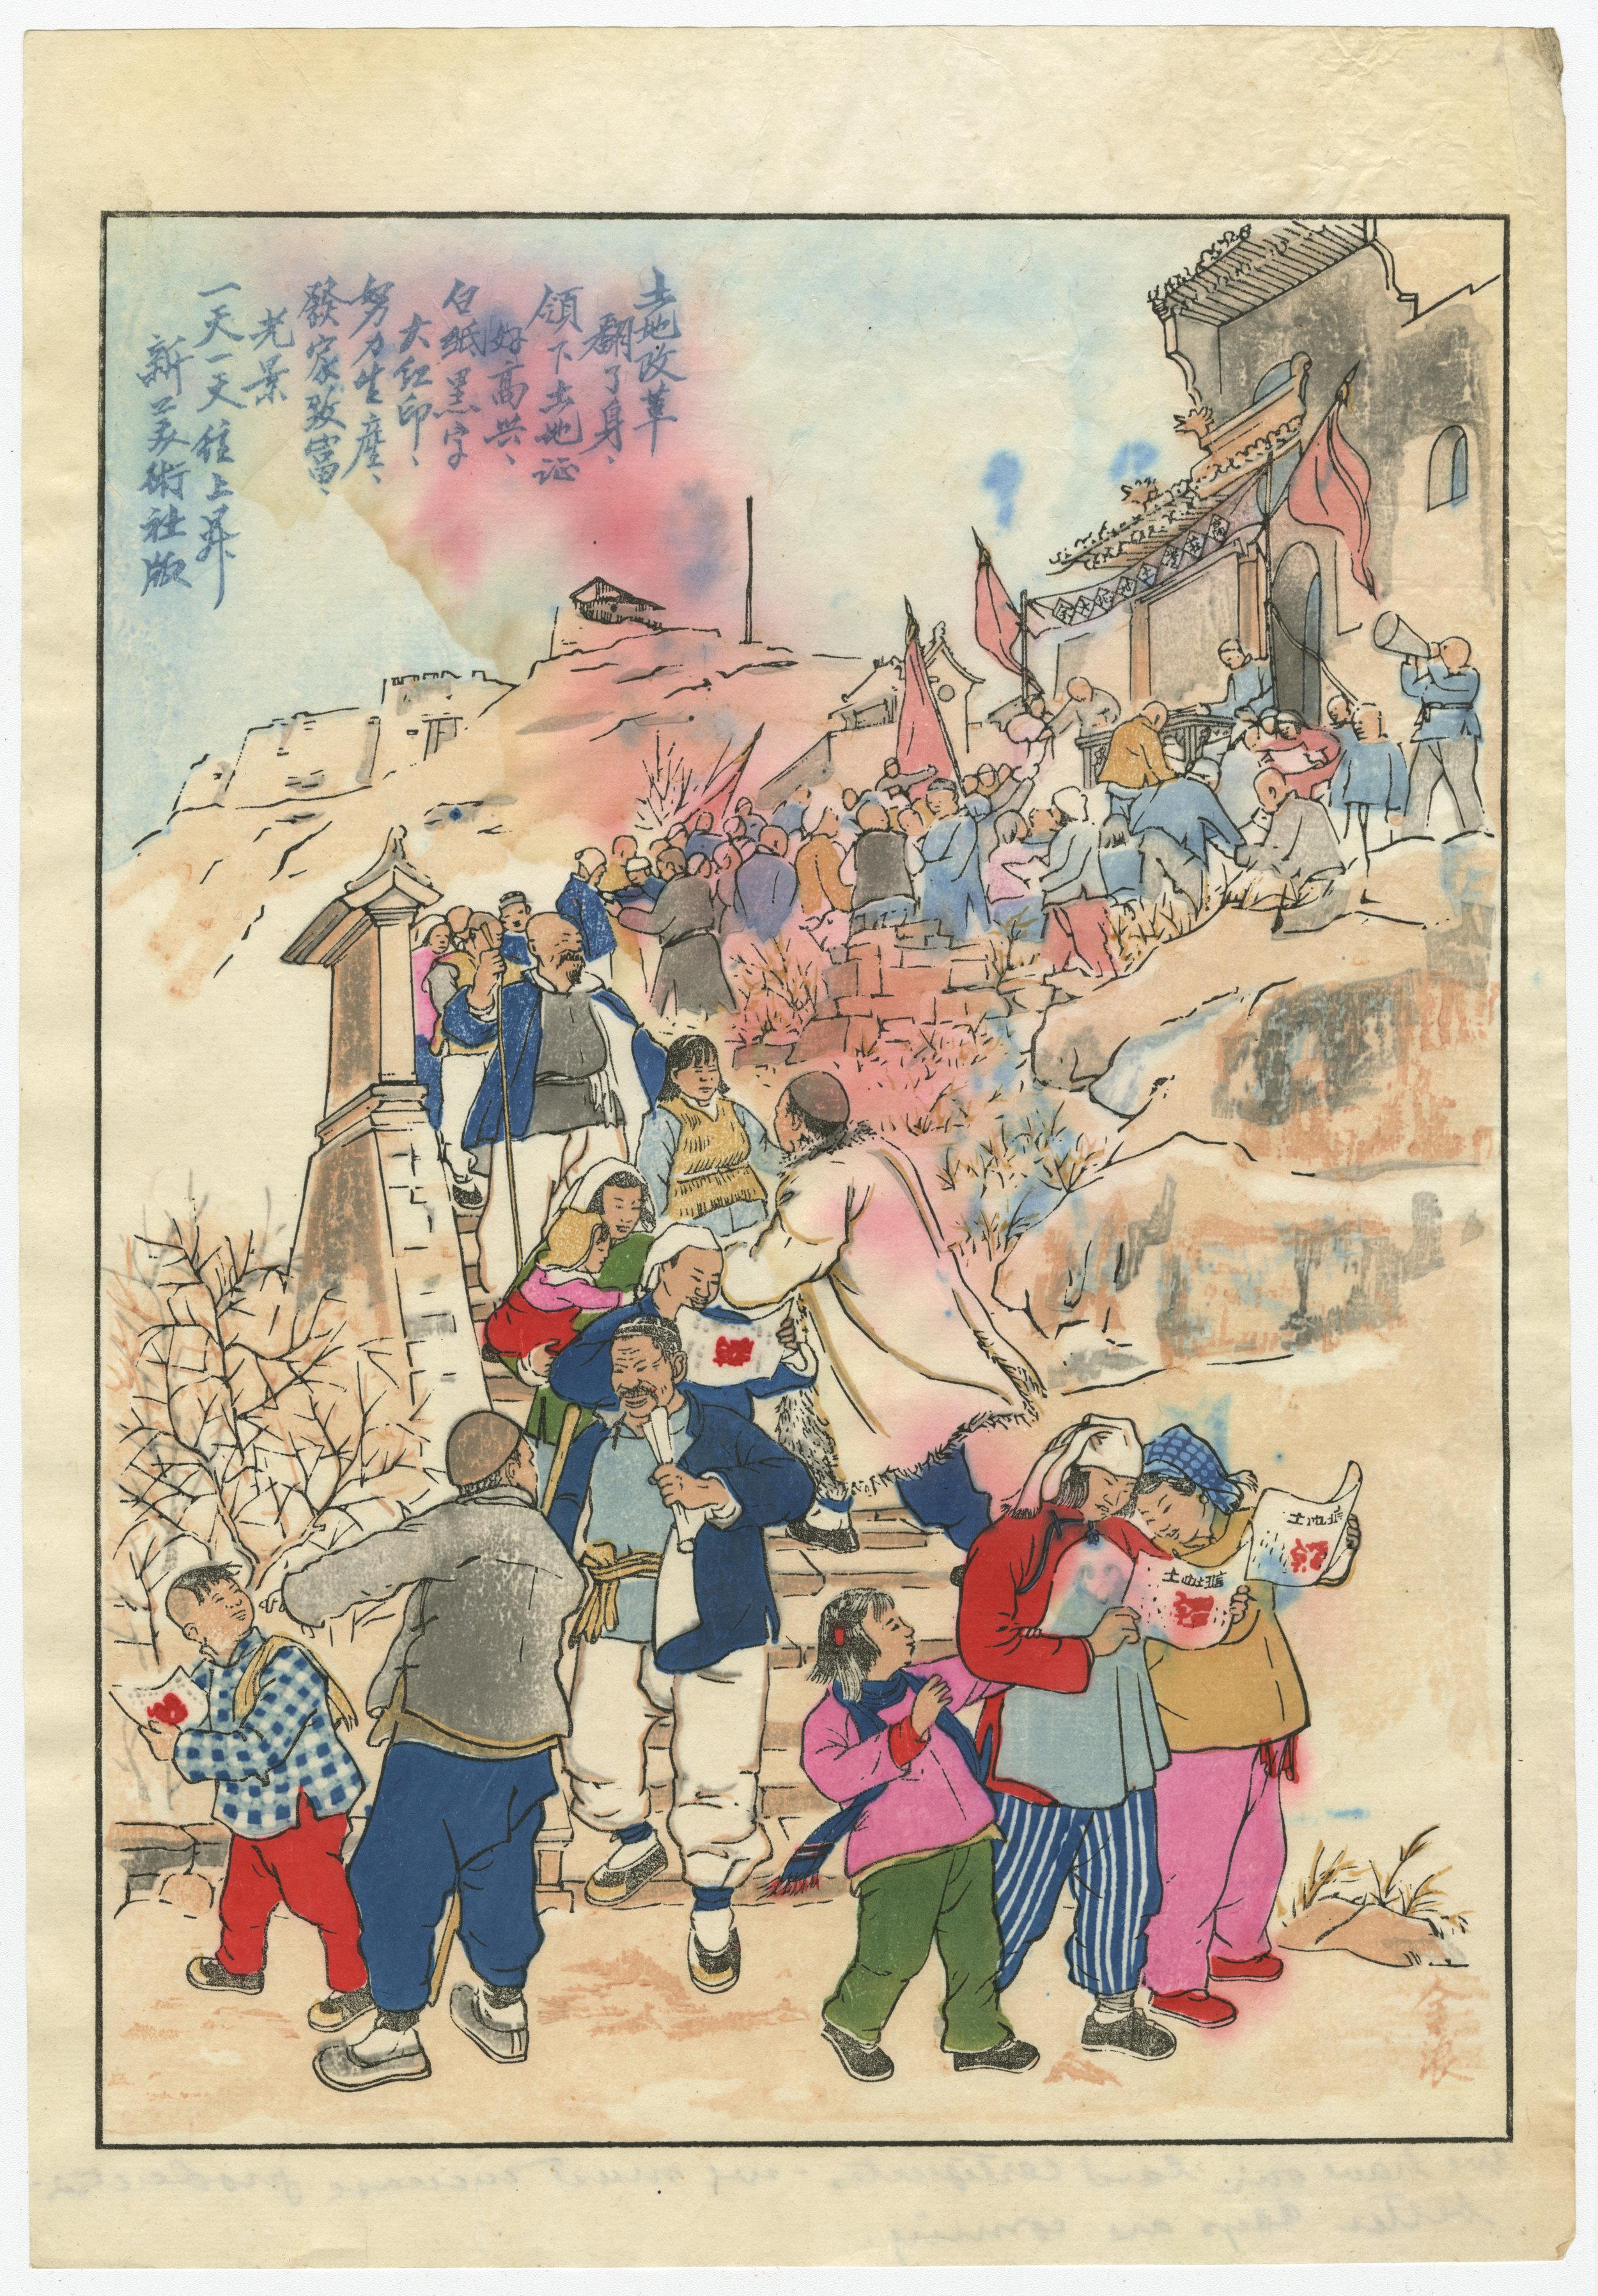 Land titles being received (Beijing, 1949)